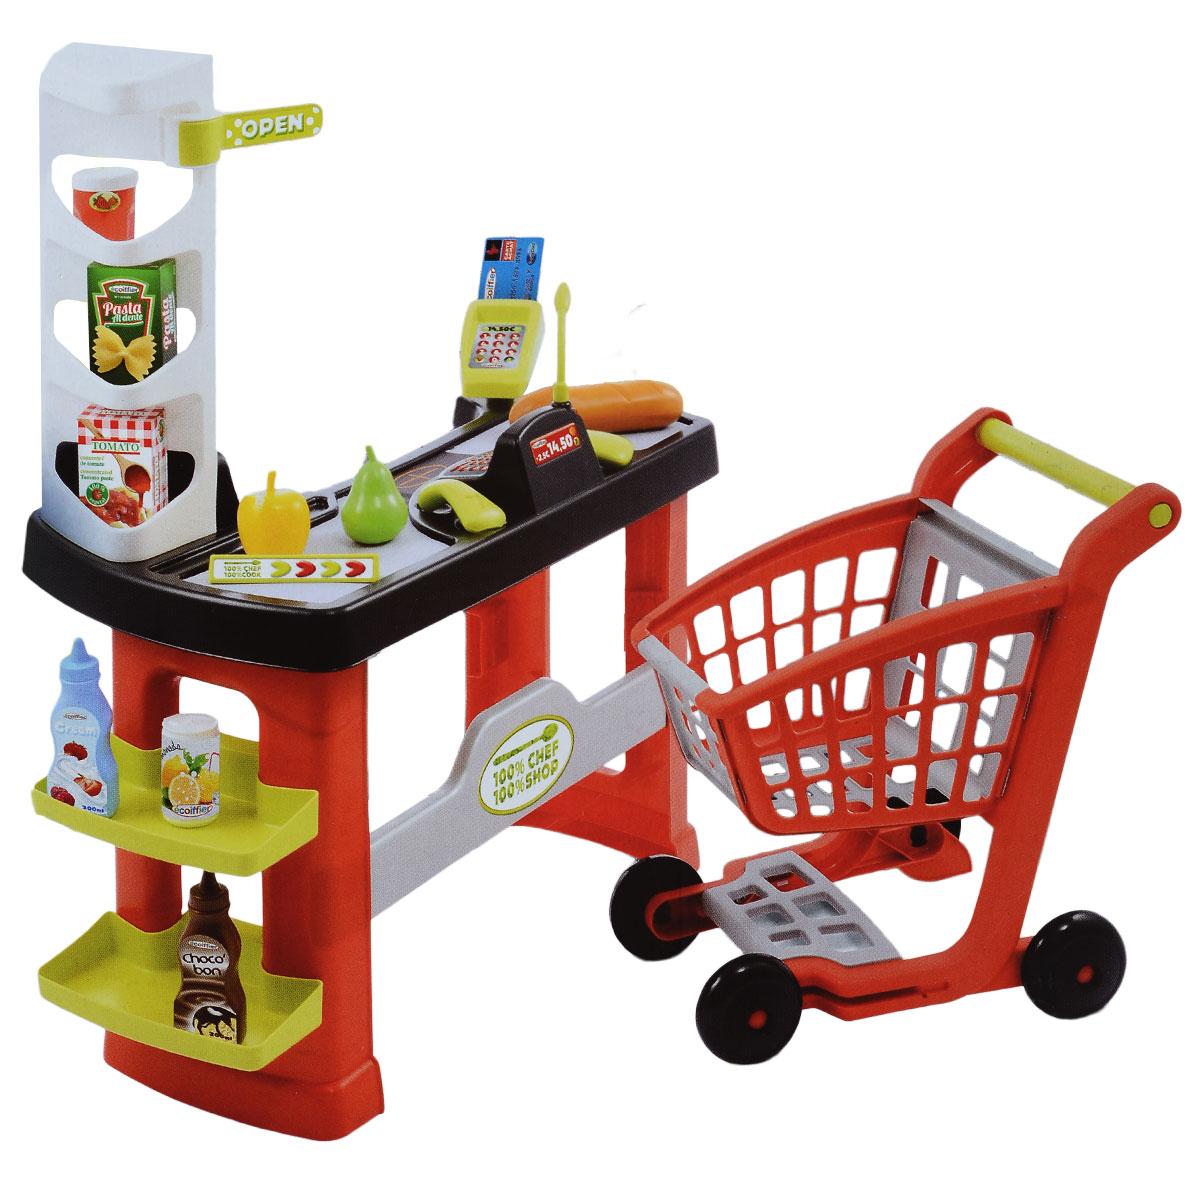 Игровой набор Ecoiffier Супермаркет с тележкой, 20 предметов набор игровой ecoiffier сушилка для посуды посуда 39 предметов